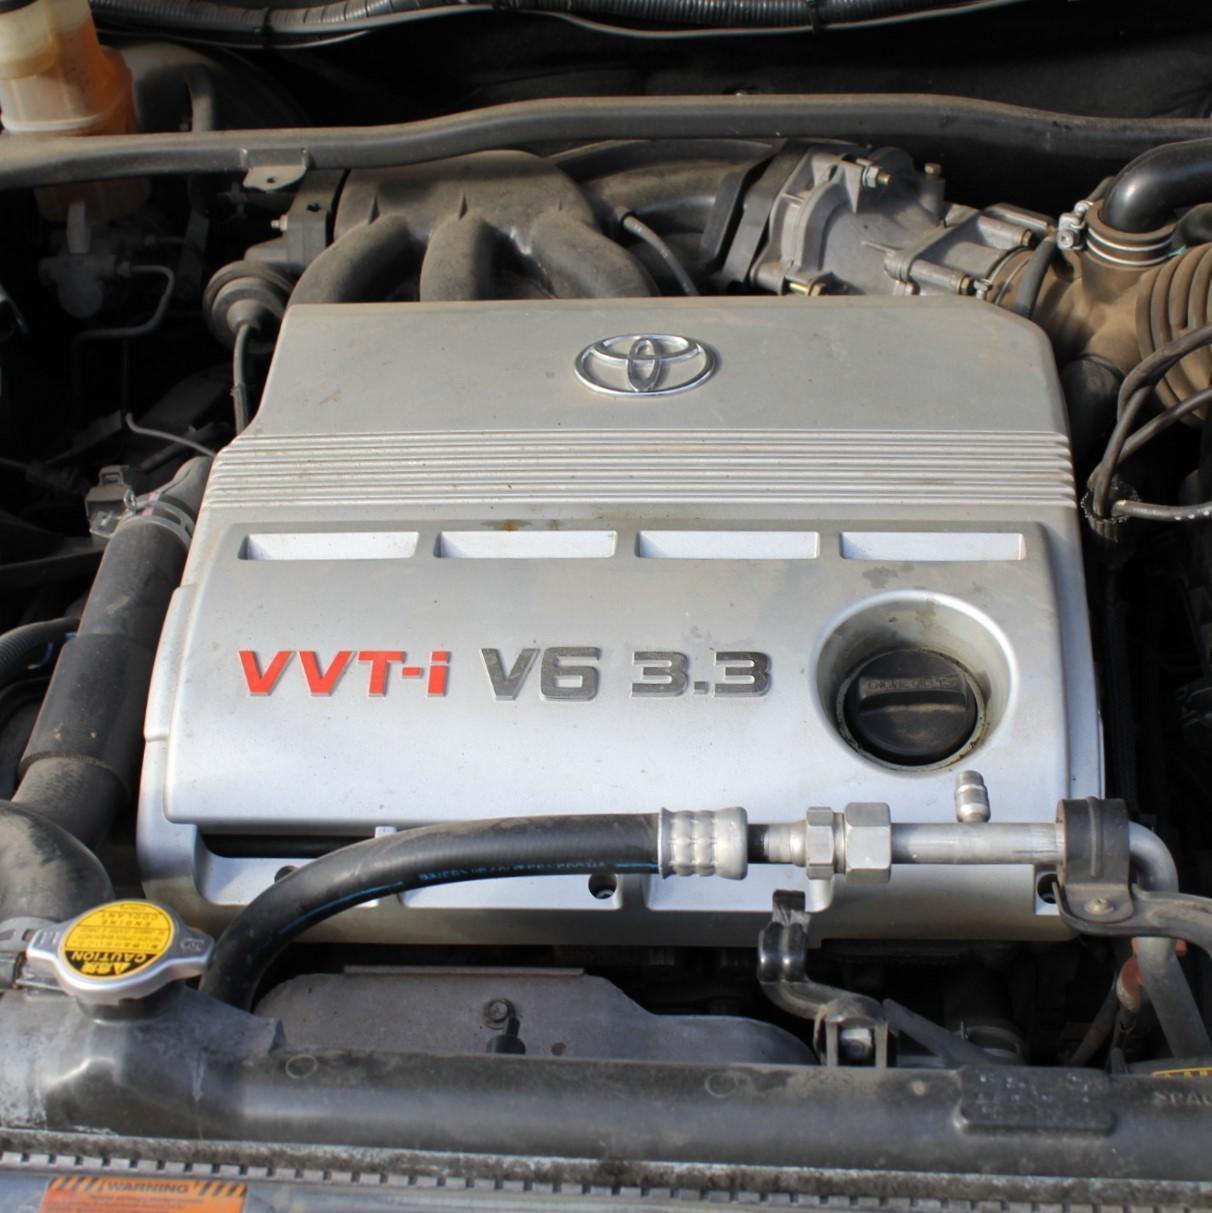 TOYOTA KLUGER, Engine, PETROL, 3.3, 3MZ-FE, MCU28R, 01/01-07/07